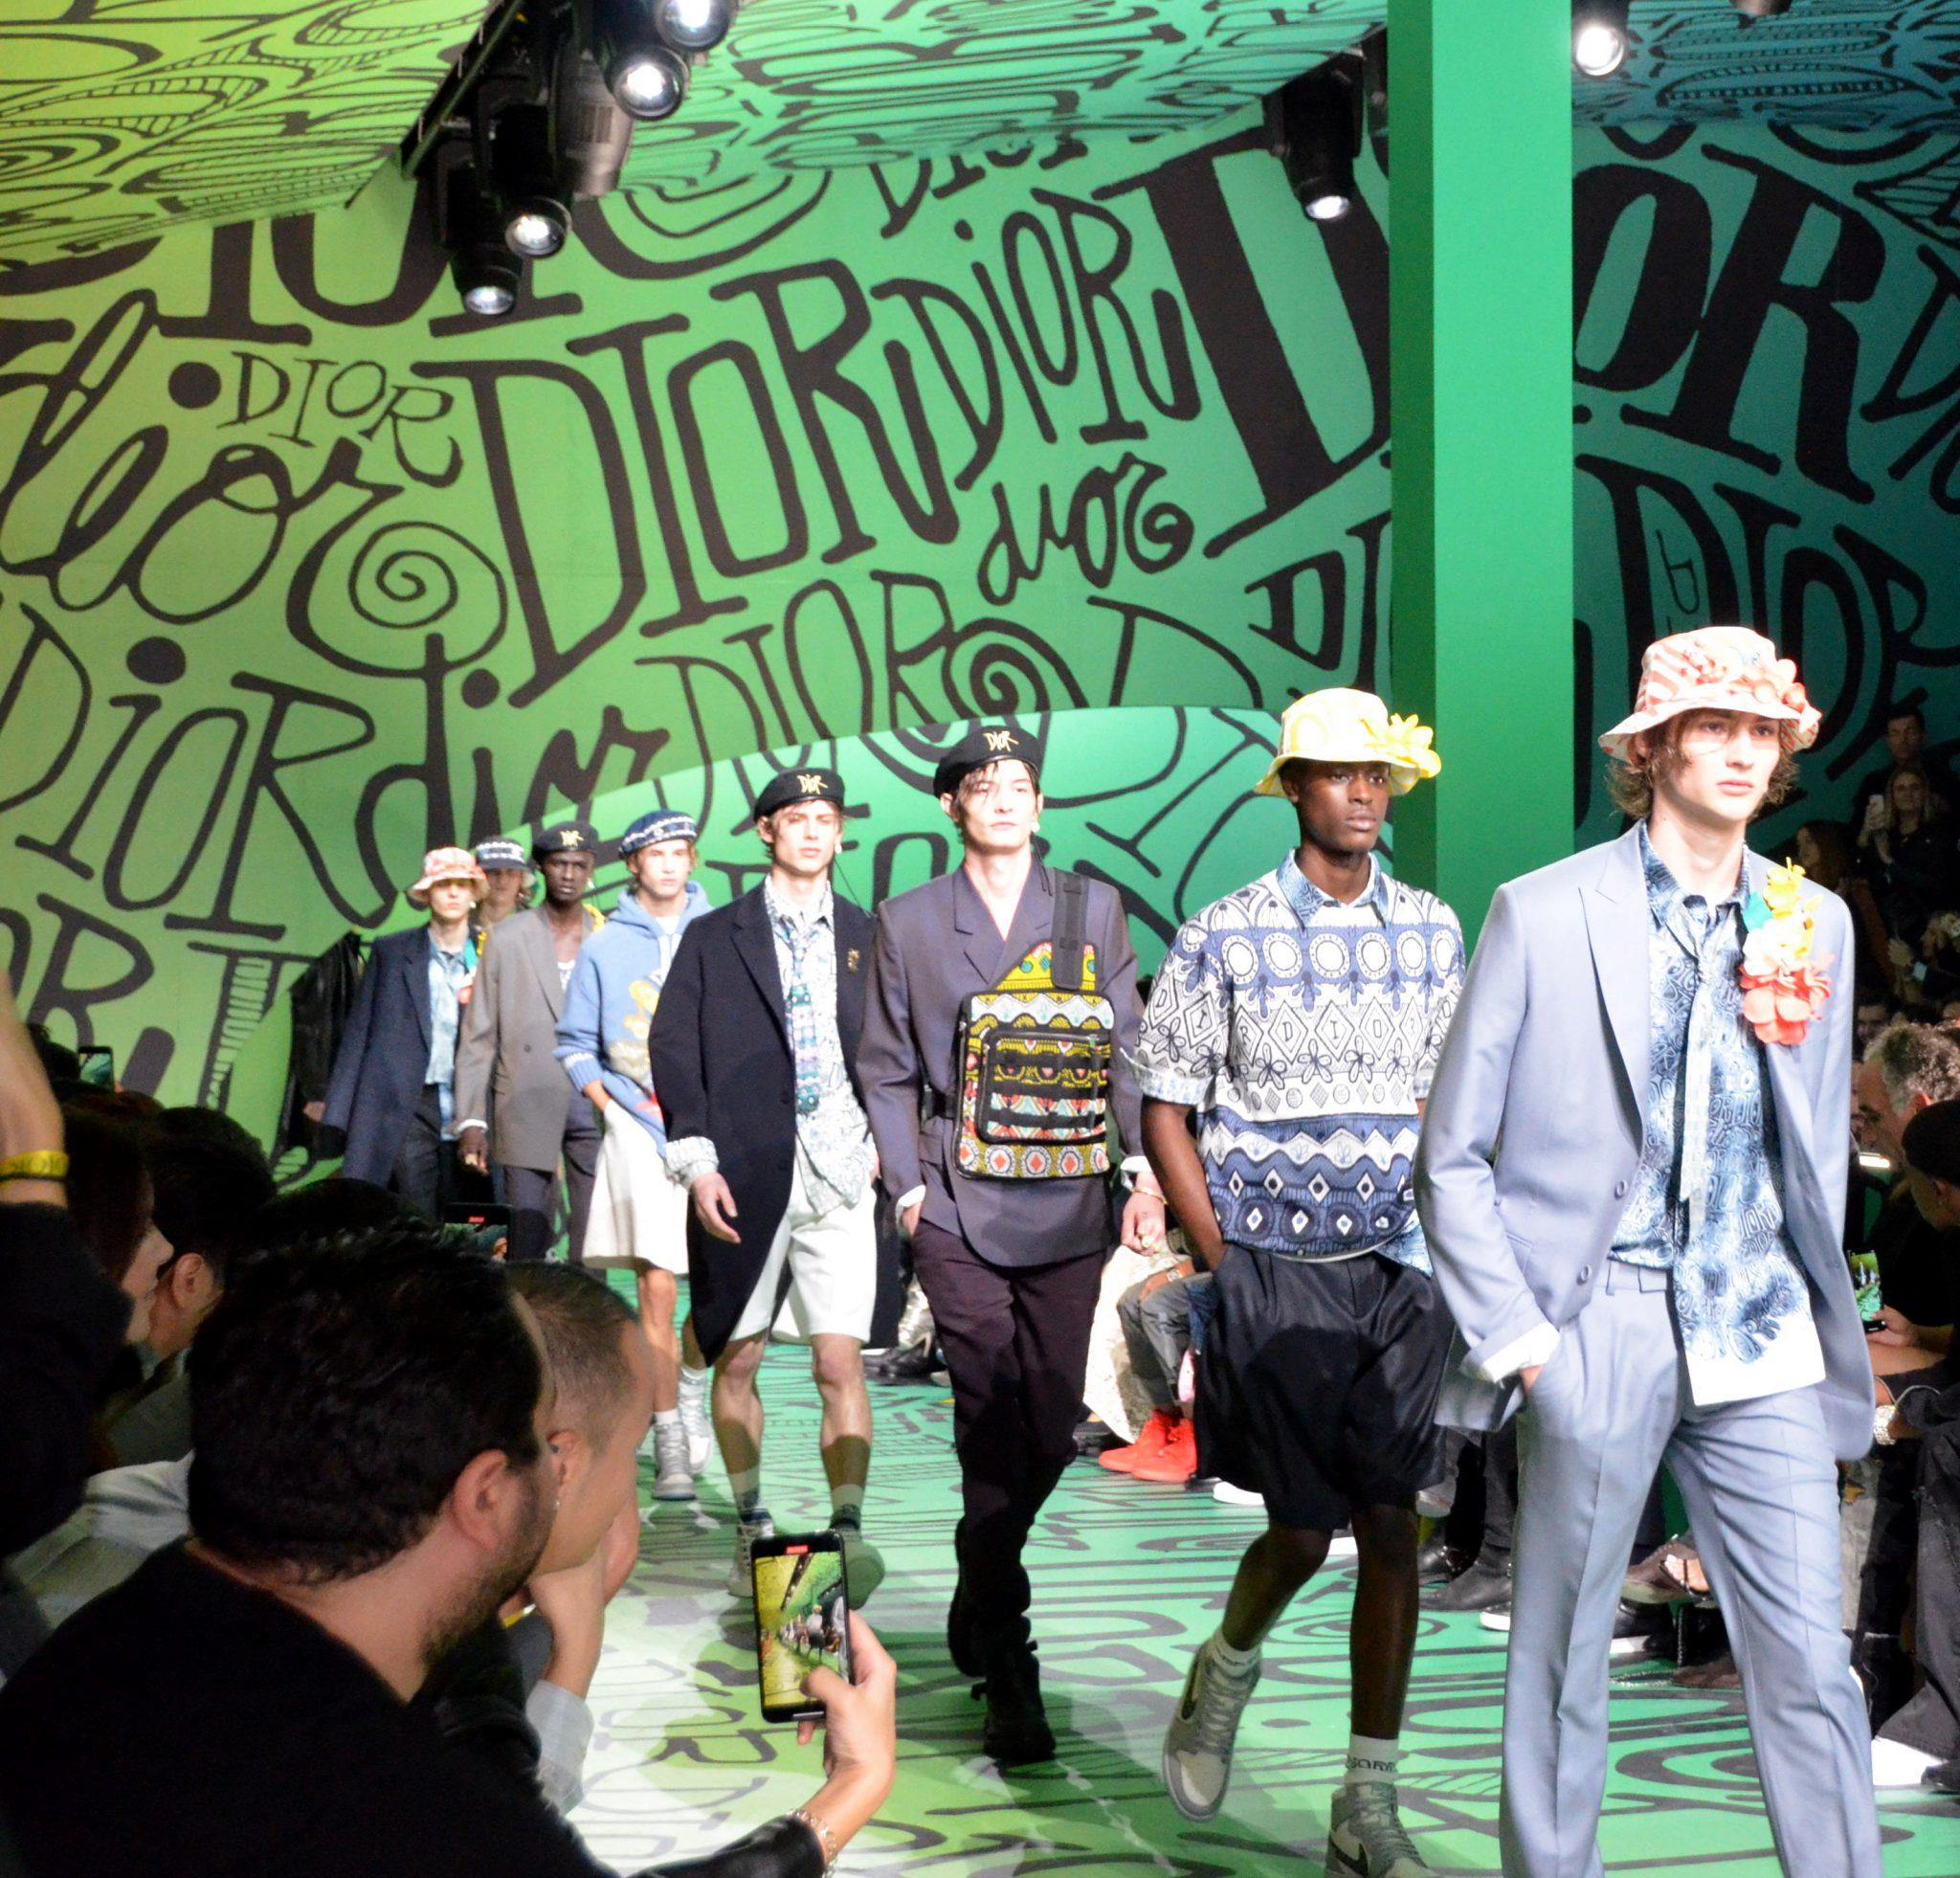 Postergan los desfiles de moda masculina en Milán